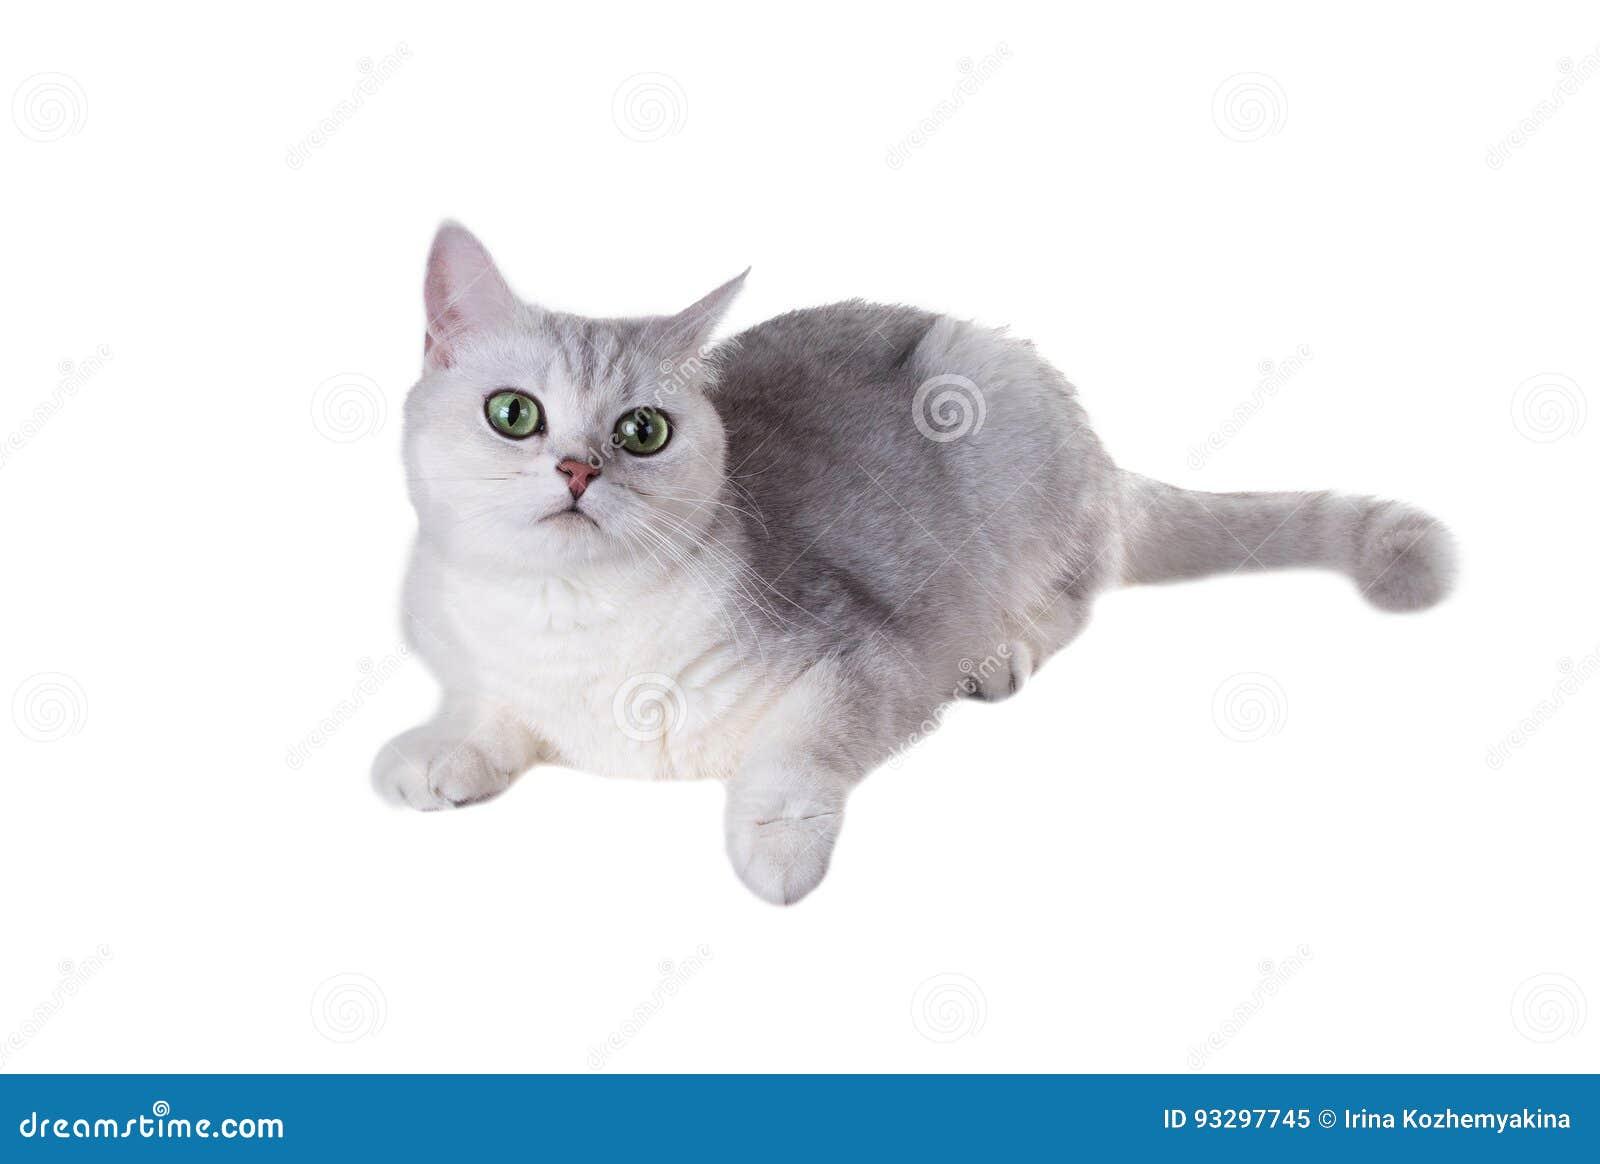 Fein Pete Die Katze Malvorlagen Fotos - Beispiel Wiederaufnahme ...